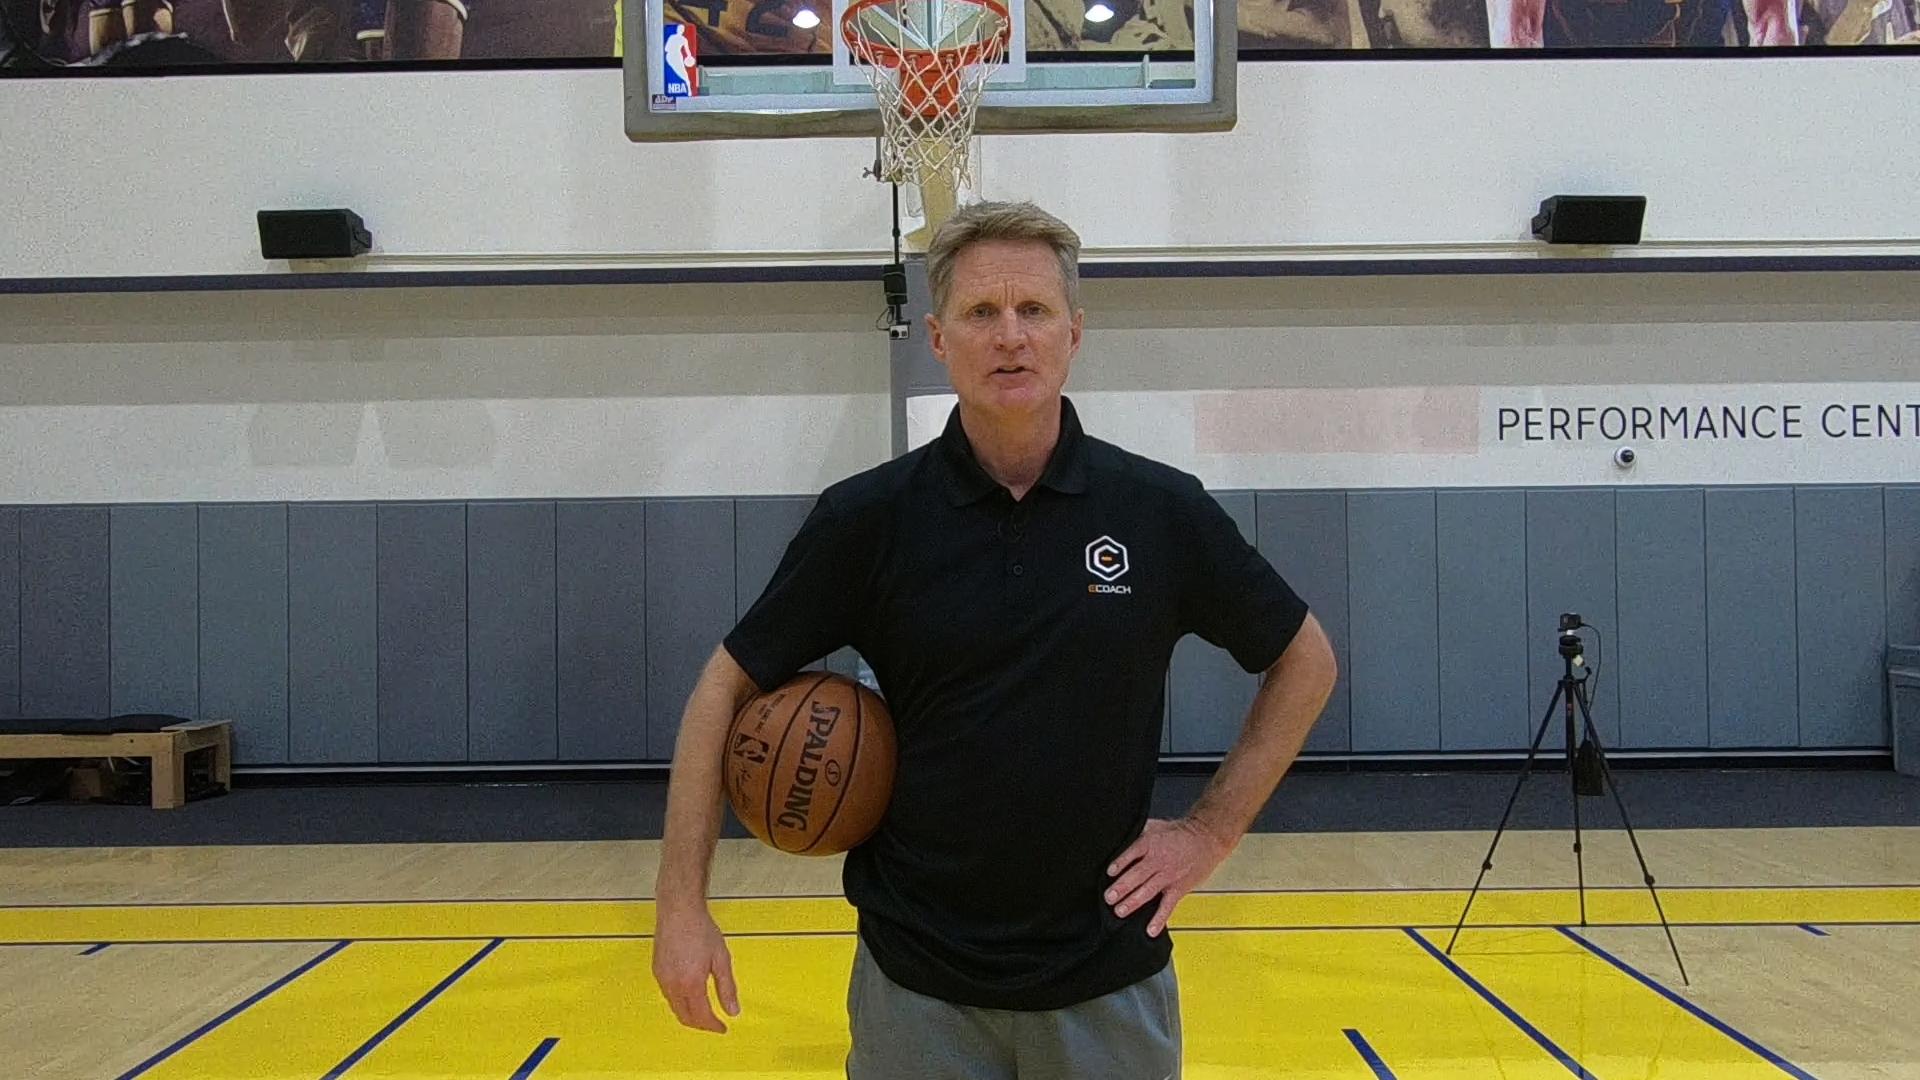 Steve Kerr NBA Coach Golden State Warriors